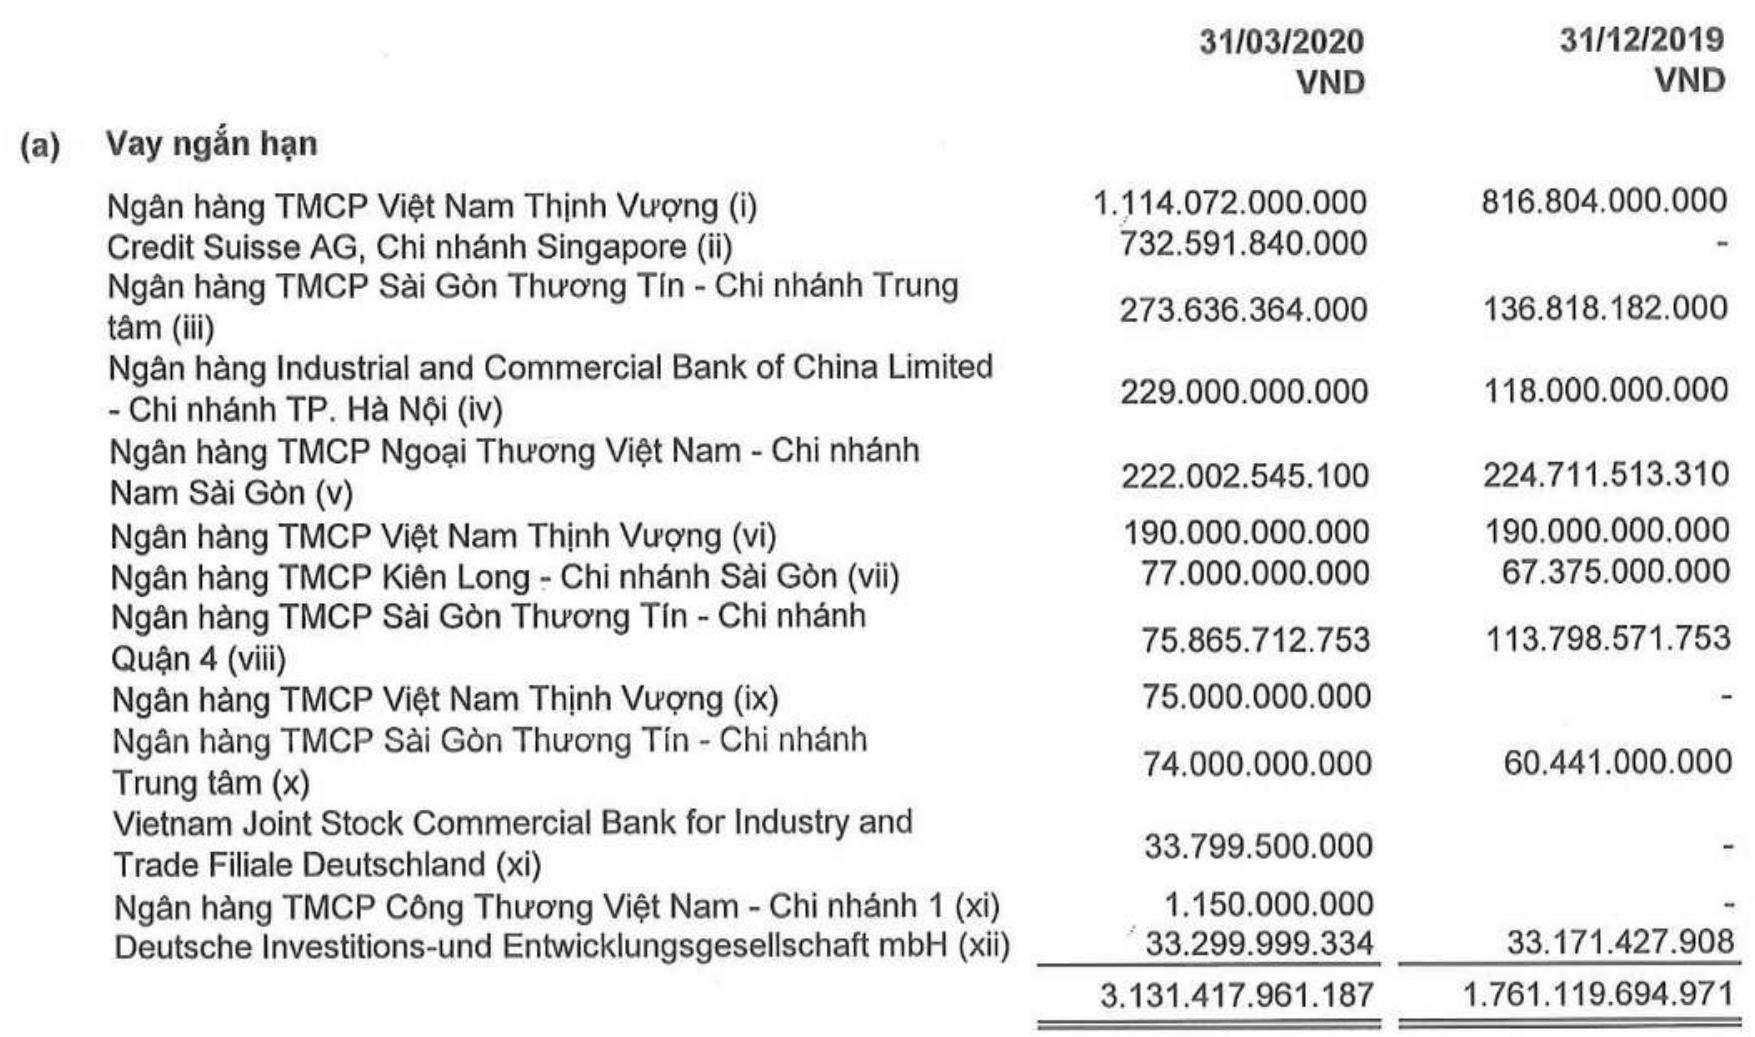 Novaland báo lãi công ty mẹ tăng đột biến nhờ doanh thu tài chính, nợ vay tăng hơn 2.000 tỉ đồng ba tháng đầu năm - Ảnh 1.